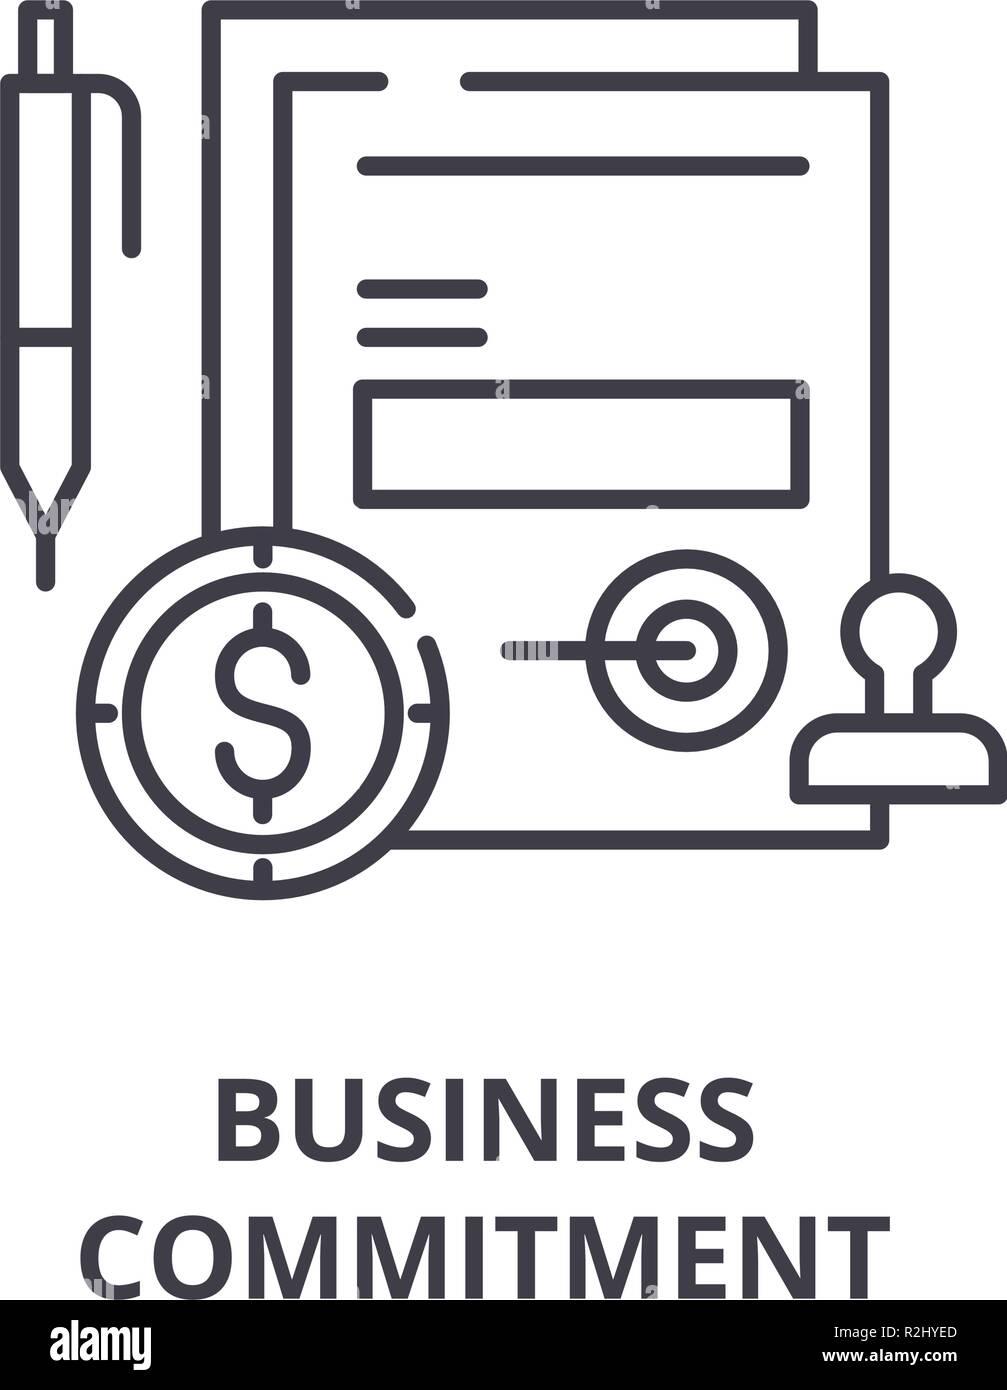 Icono de línea de compromiso empresarial concepto. Compromiso empresarial vector Ilustración lineal, símbolo, signo Imagen De Stock